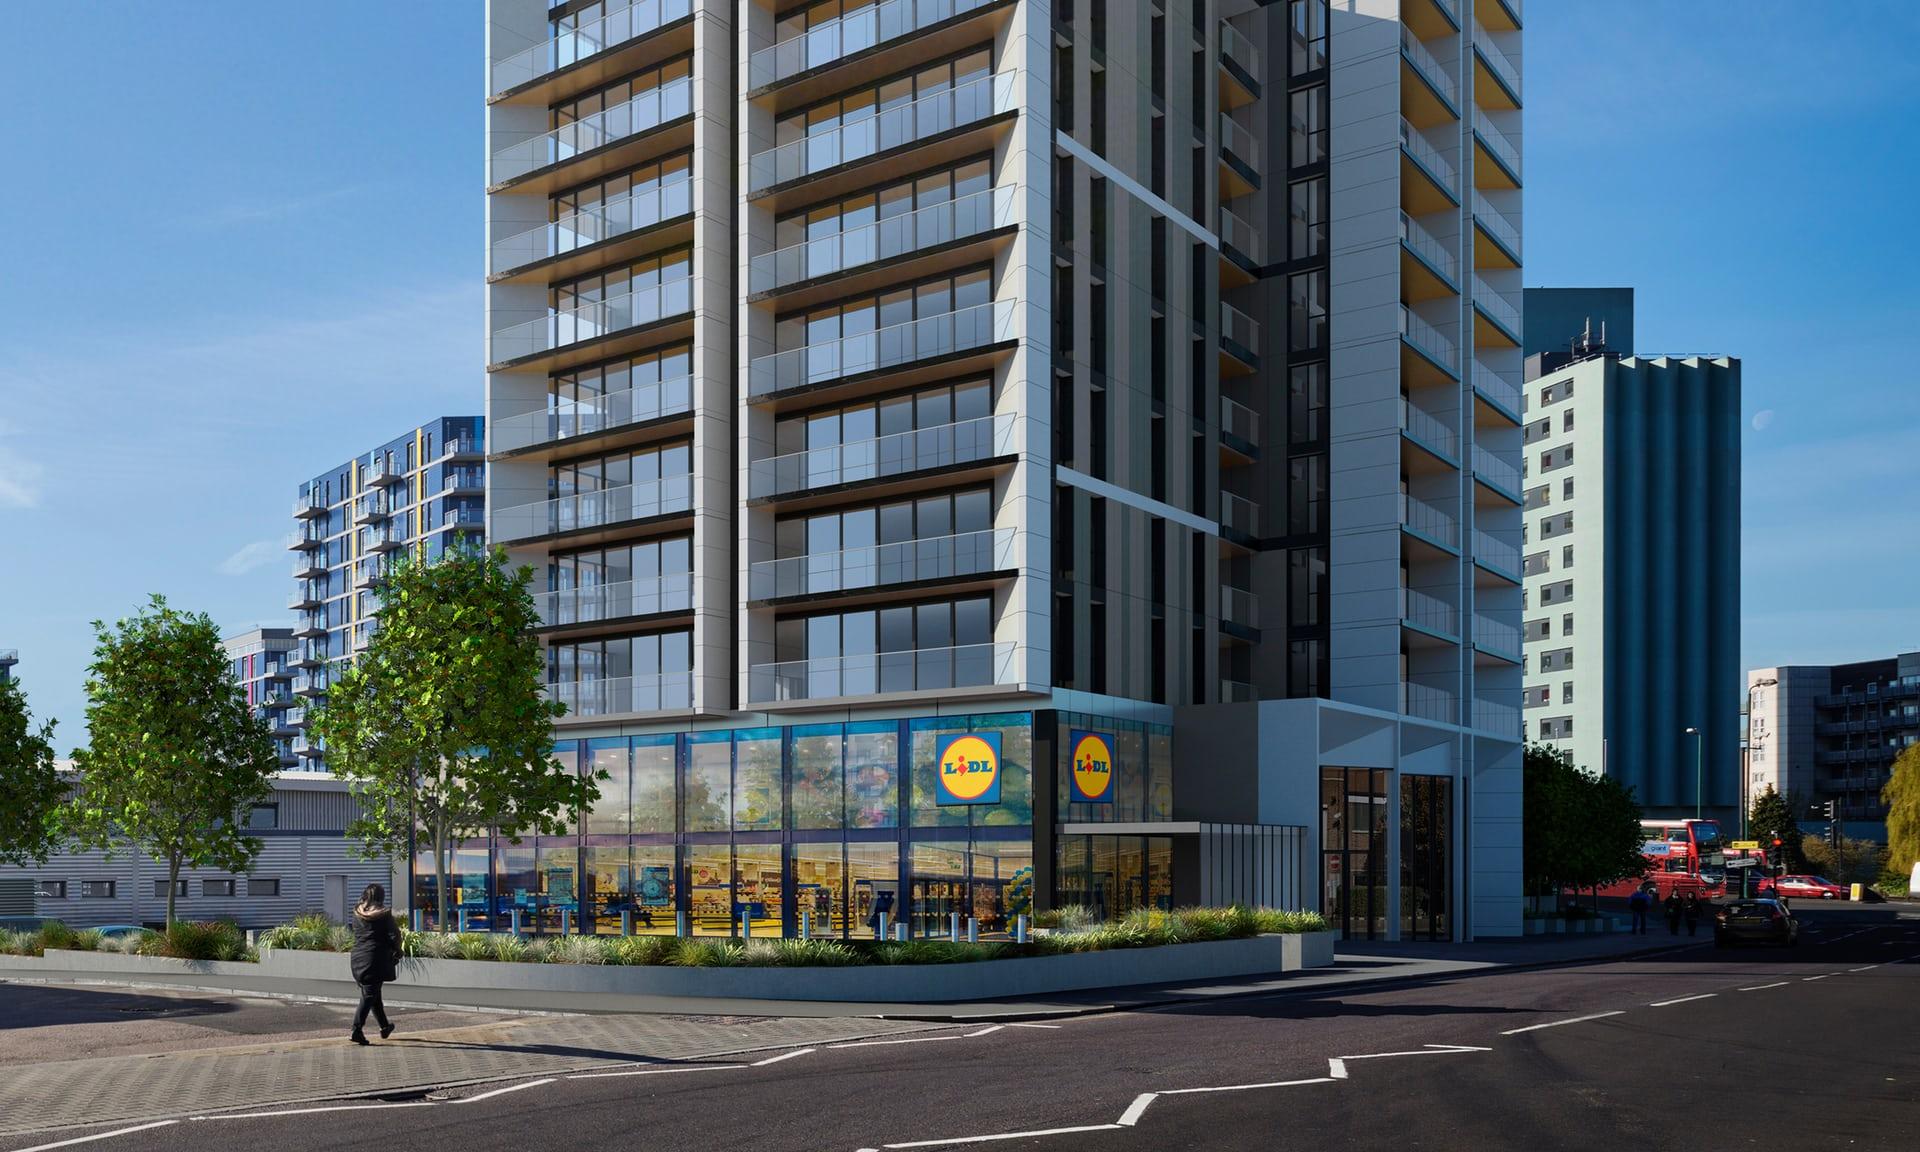 Angliában már lakásokat építenek a szupermarketláncok, hogy engedélyt kaphassanak új boltjaik megnyitására